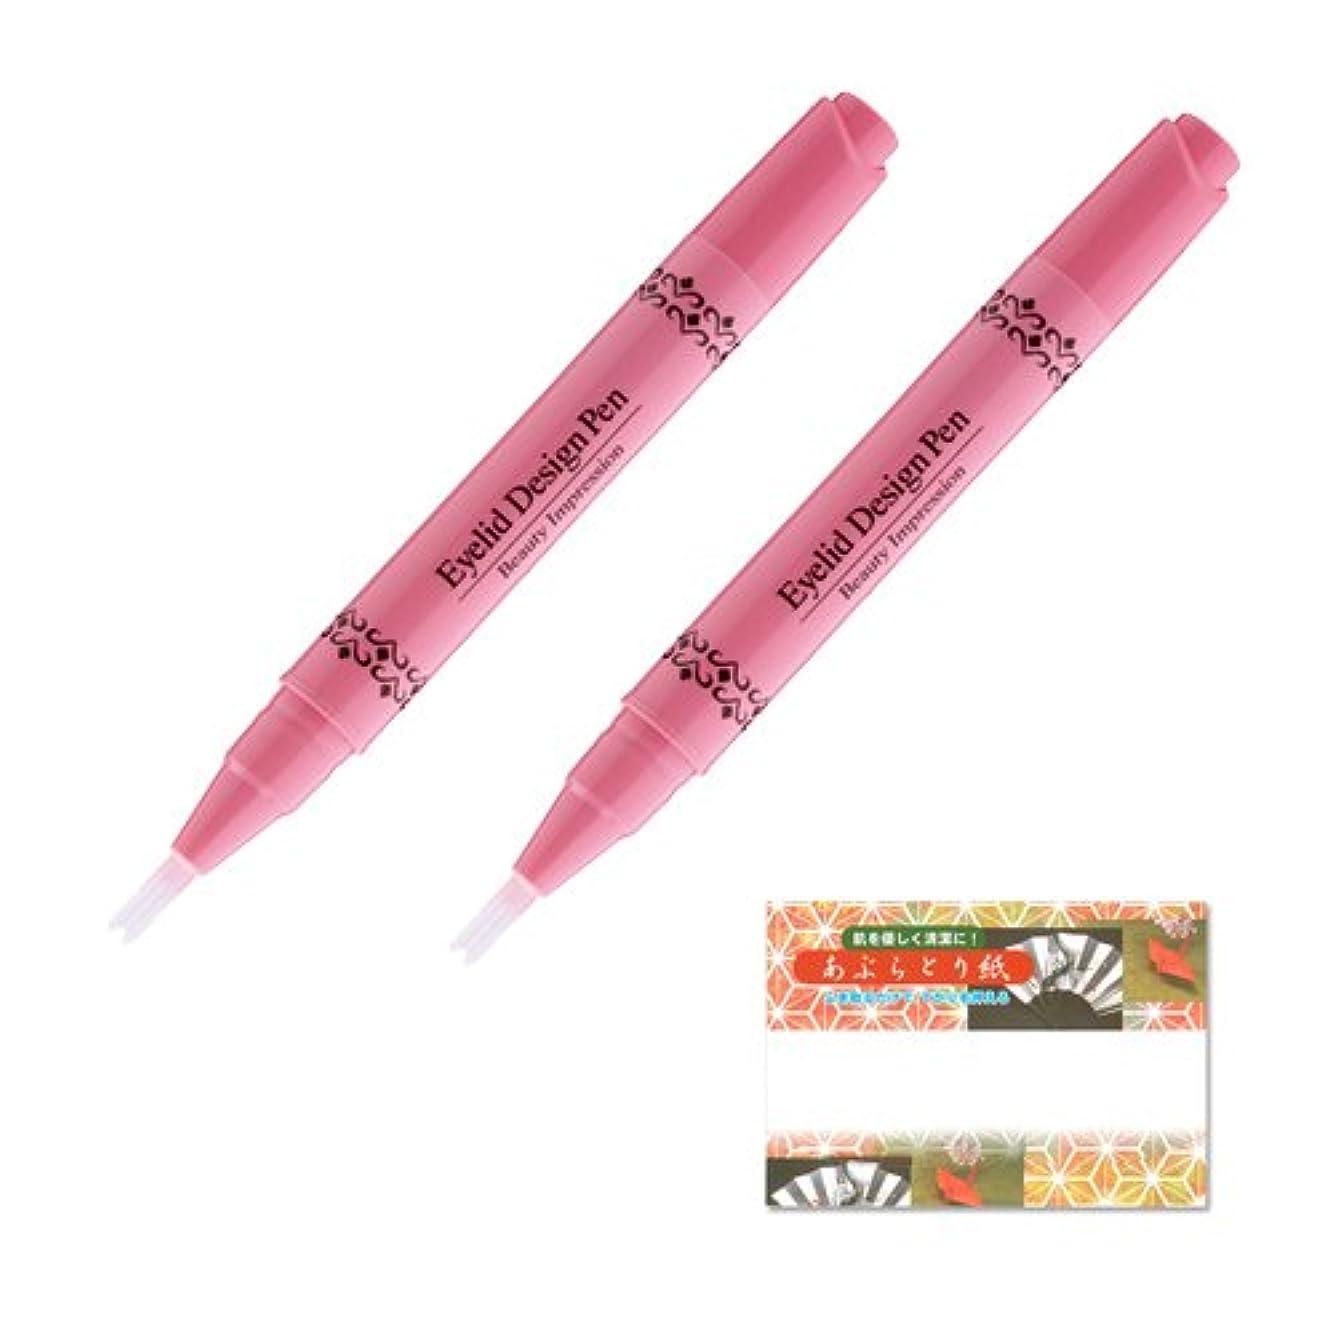 牛肉交差点運動するBeauty Impression アイリッドデザインペン 2ml (二重まぶた形成化粧品) ×2組 油取り紙のセット